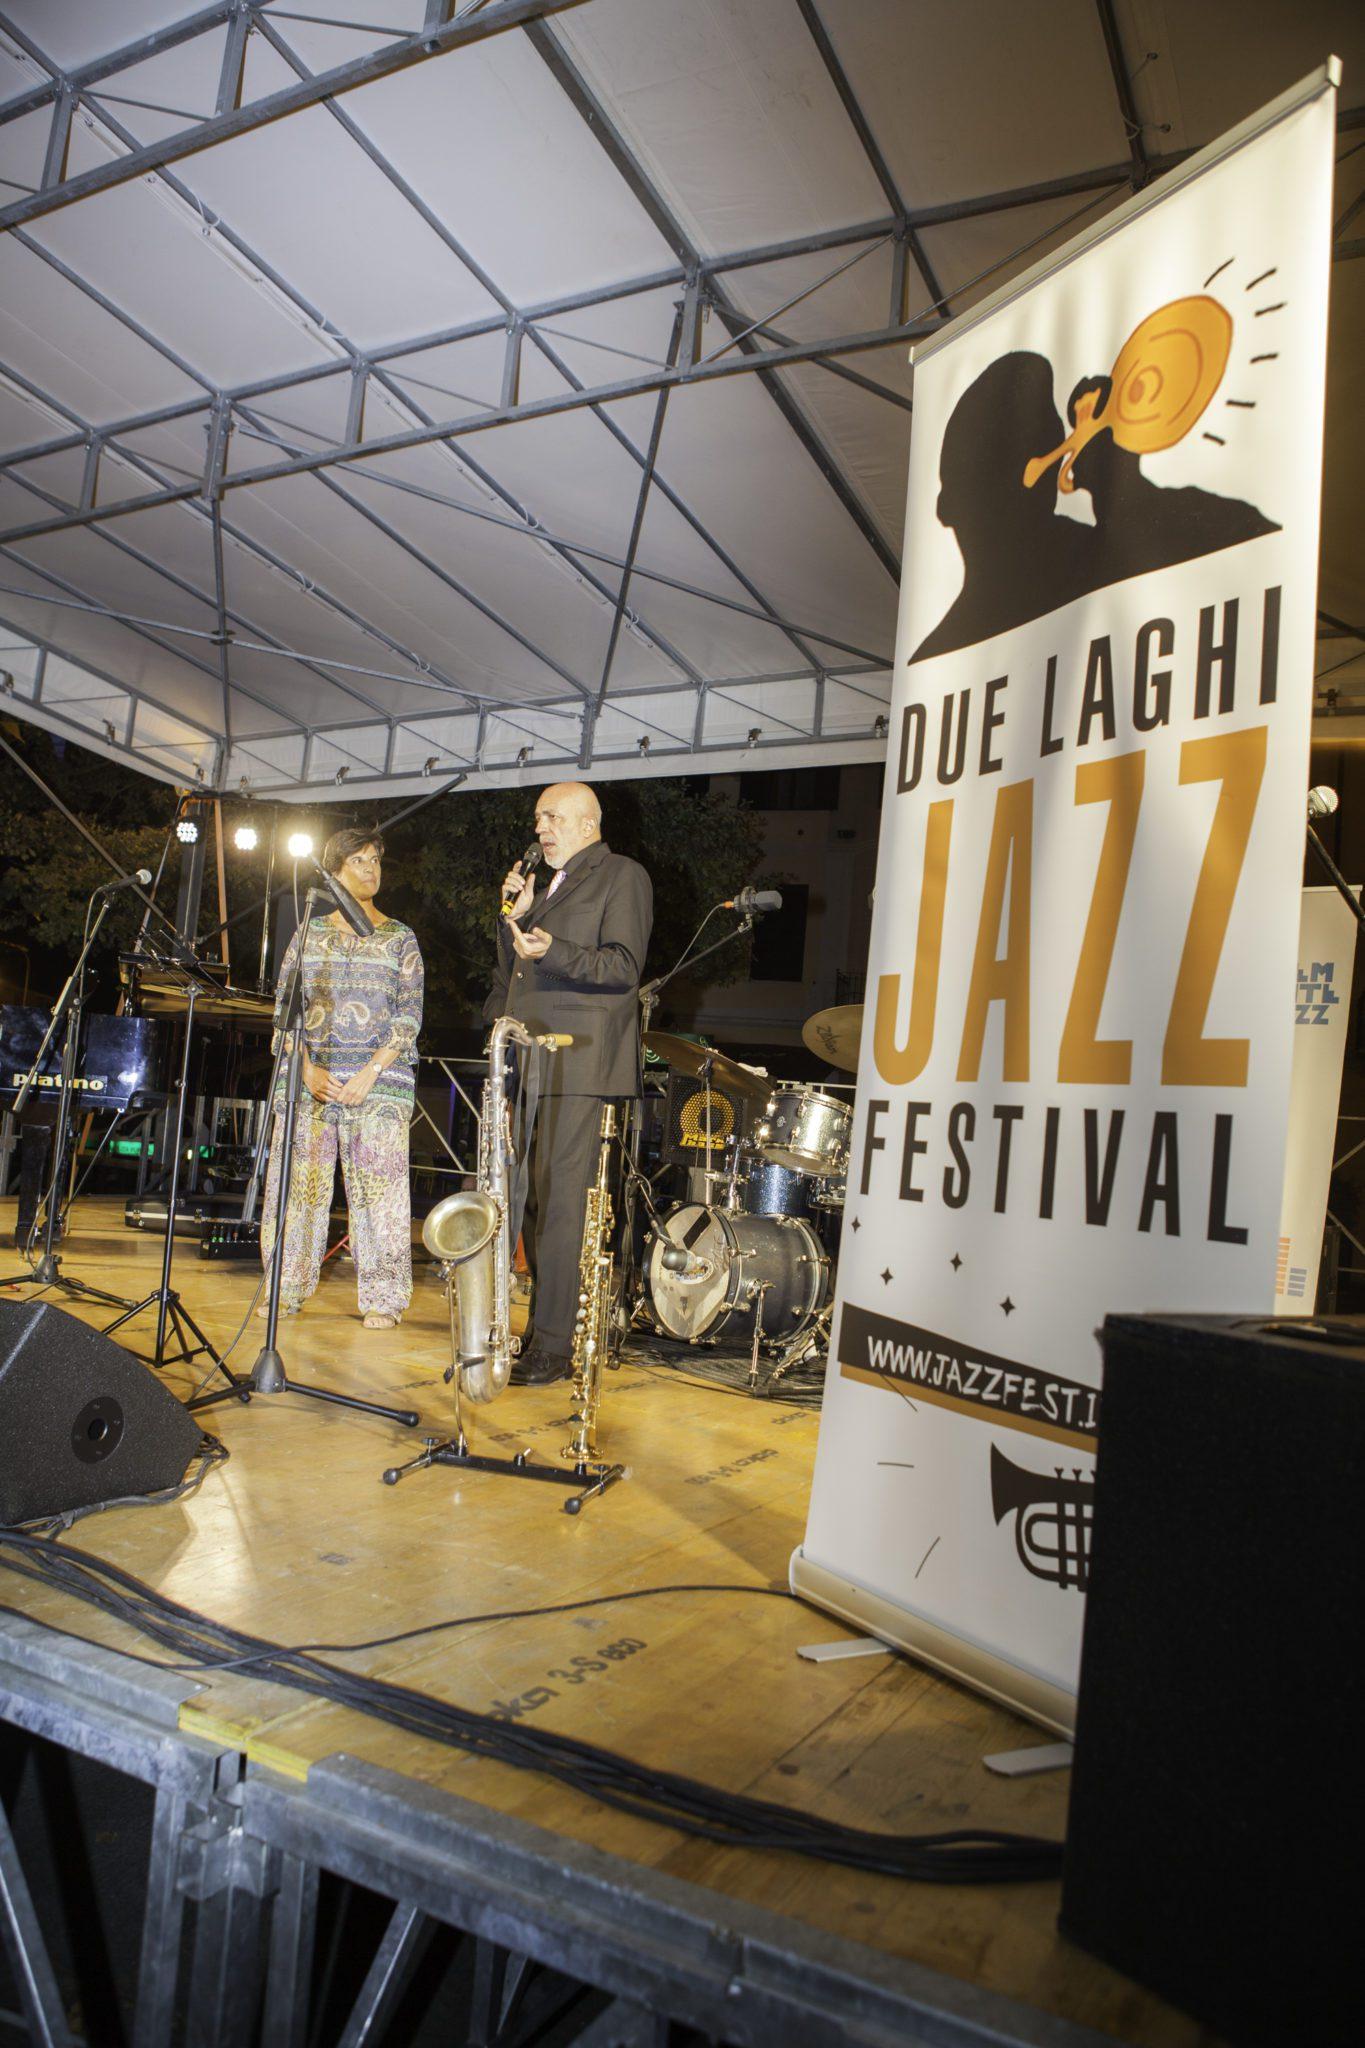 Il sindaco di Almese Ombretta Bertolo insieme al direttore artistico del Due laghi jazz festival Fulvio Albano